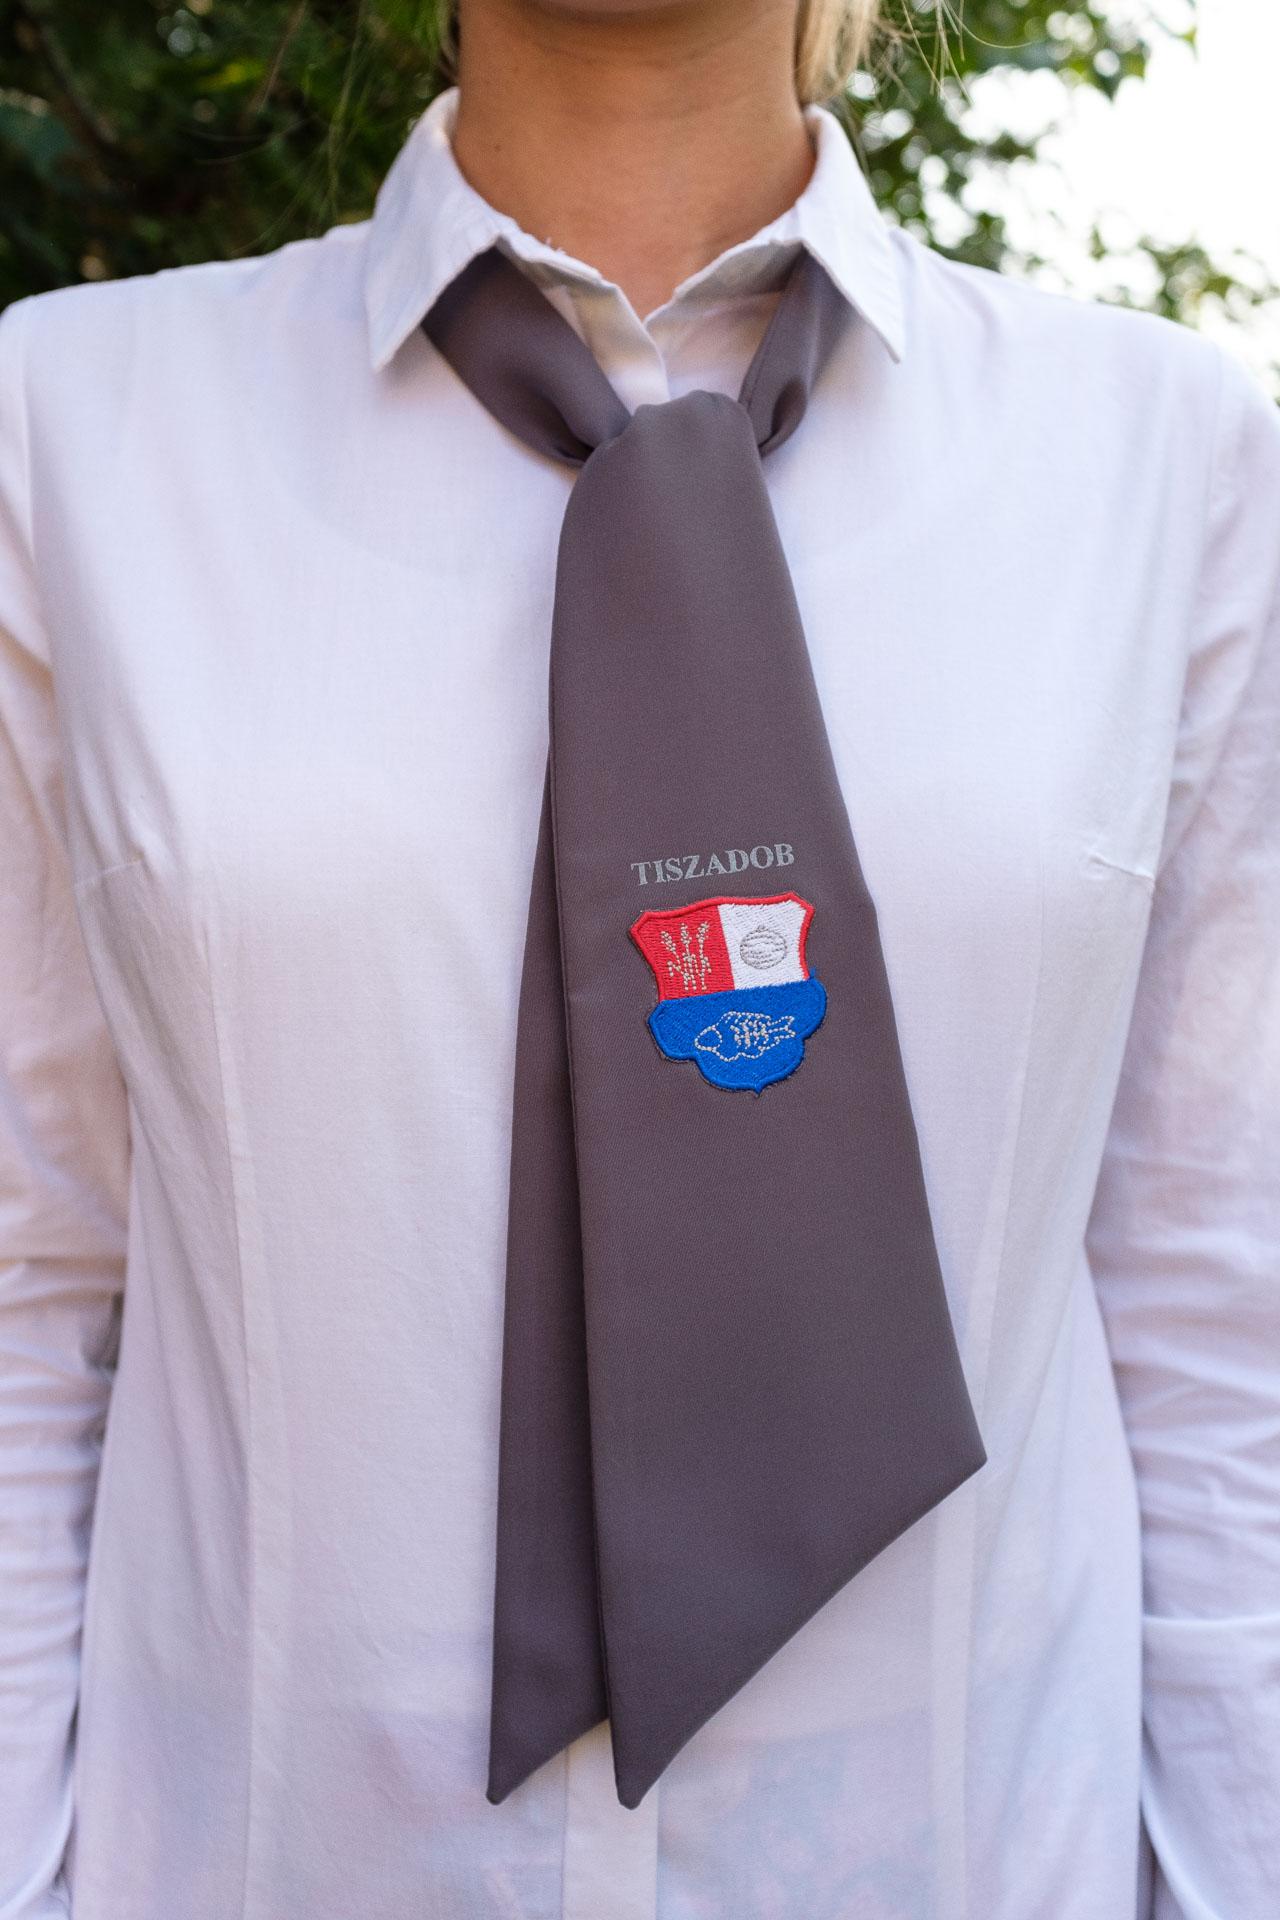 c708617b46 Nyakkendők, sálak – Velour Bt.